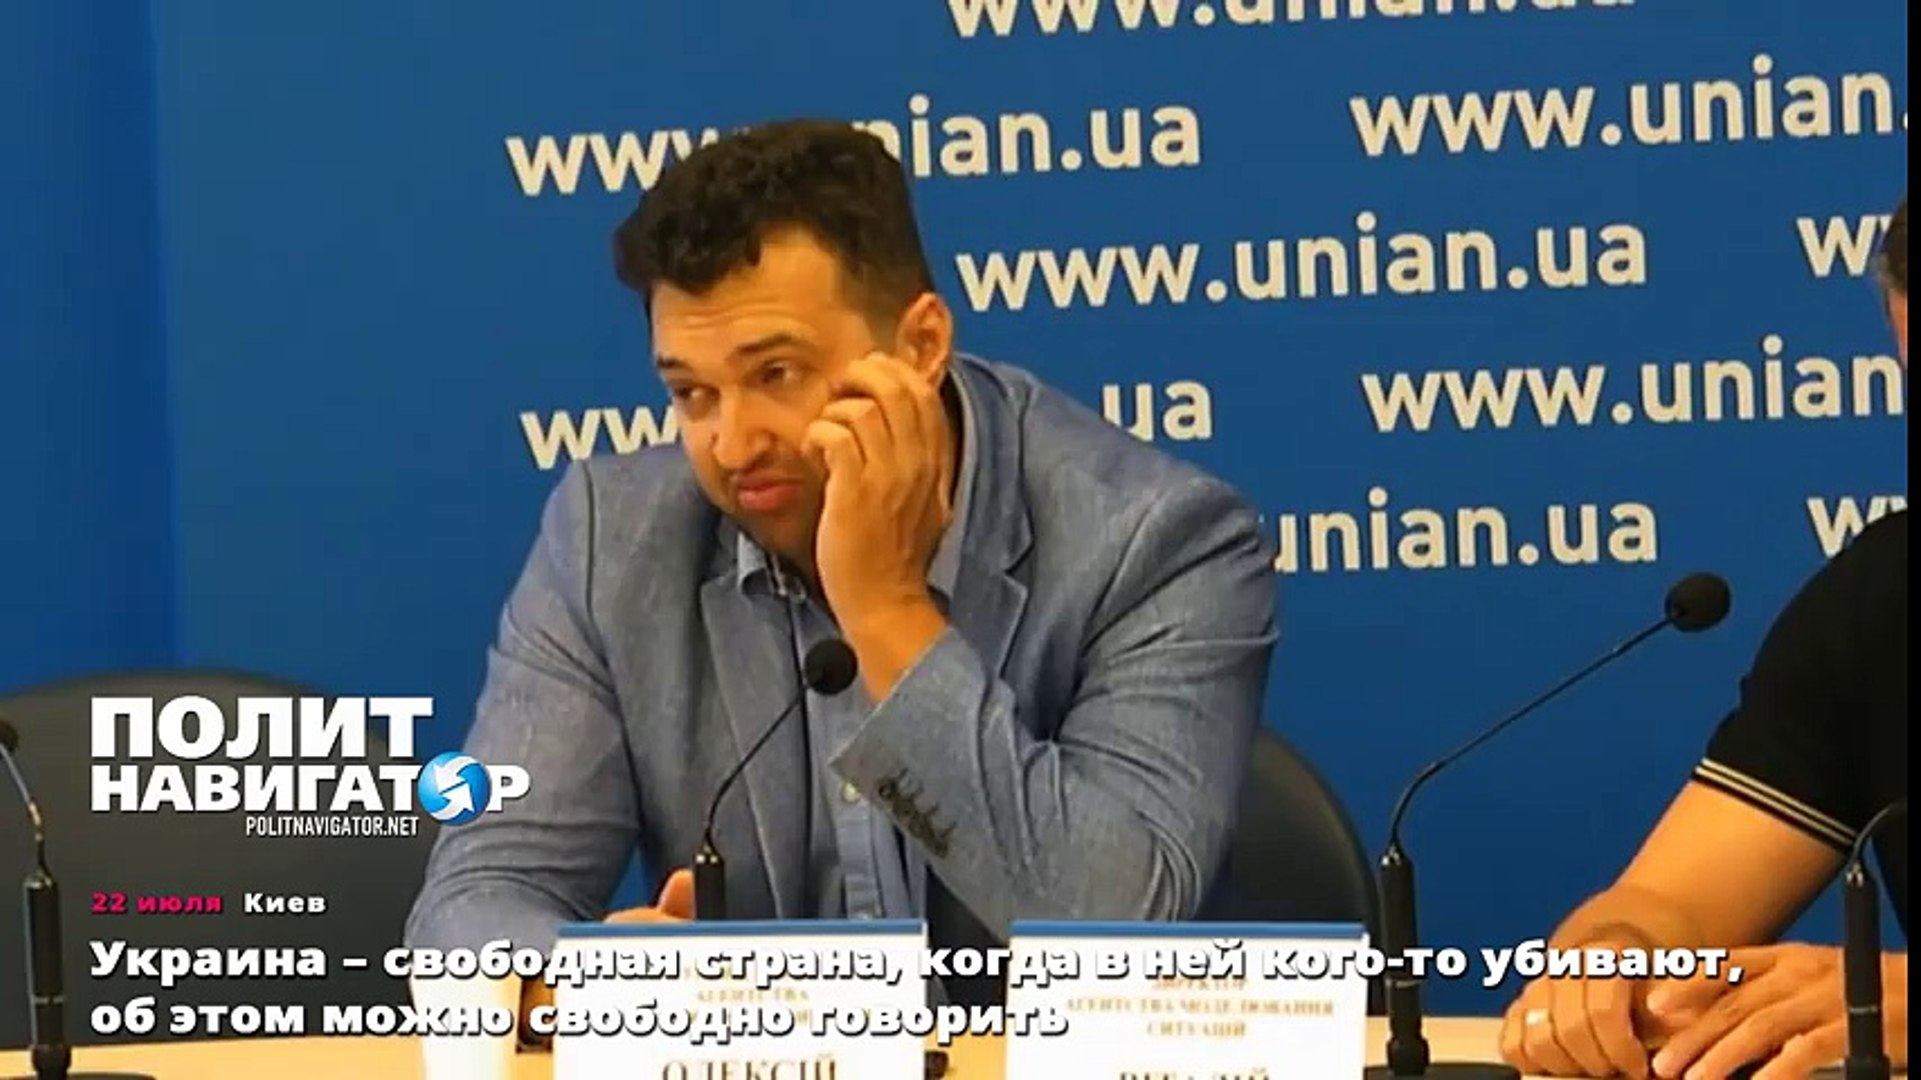 Украина – свободная страна, когда в ней кого-то убивают, об этом можно свободно говорить